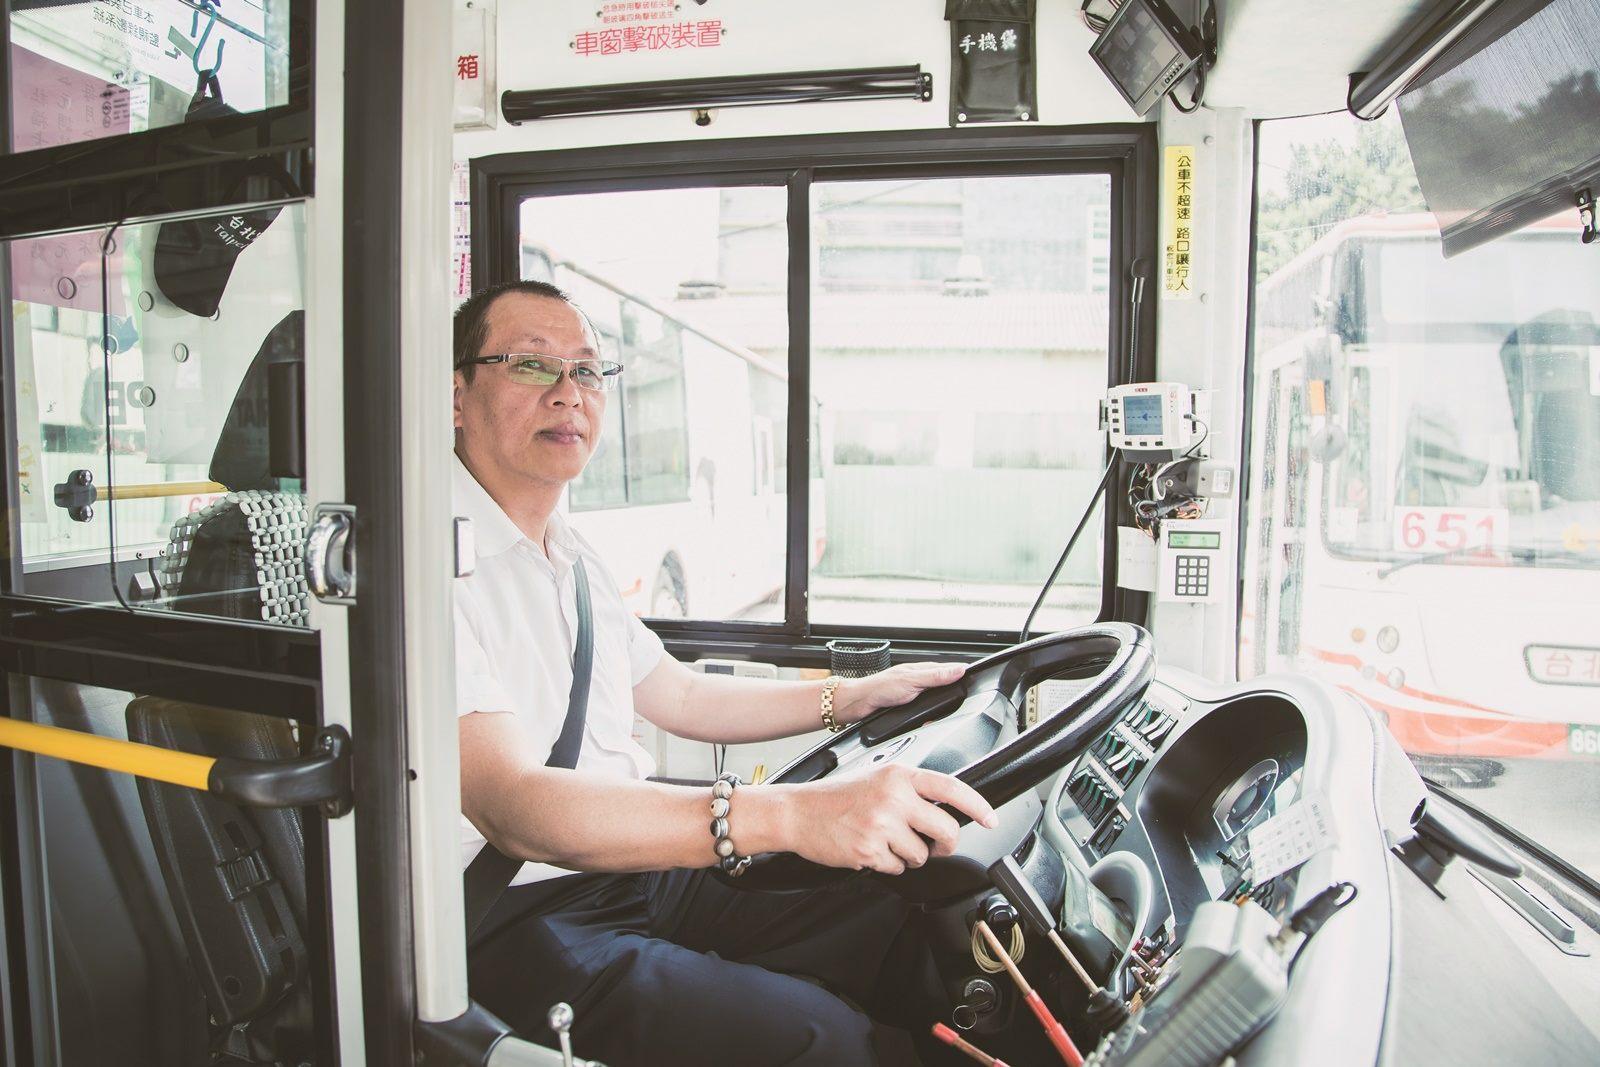 友善狗狗公車604路線的司機吳武勳,很樂意為飼主與狗狗服務,也享受與毛孩一同出遊的時光。